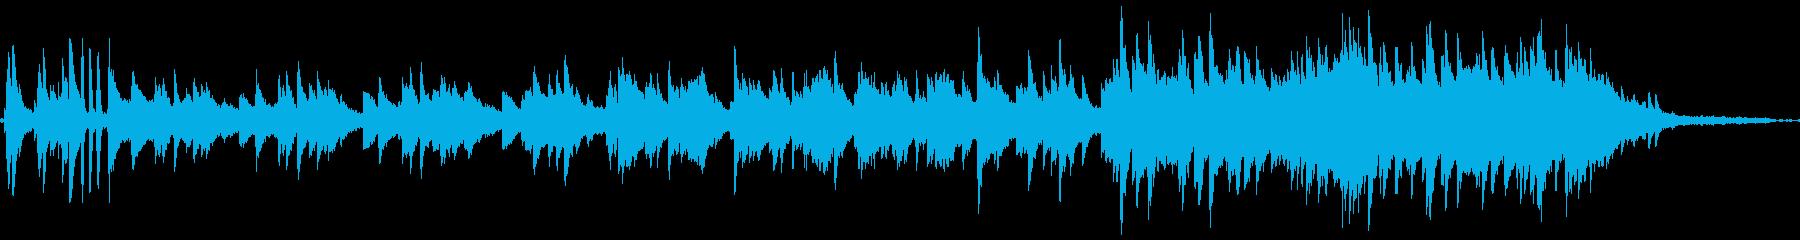 落ち着いてちょっぴりエモいピアノソロ曲の再生済みの波形